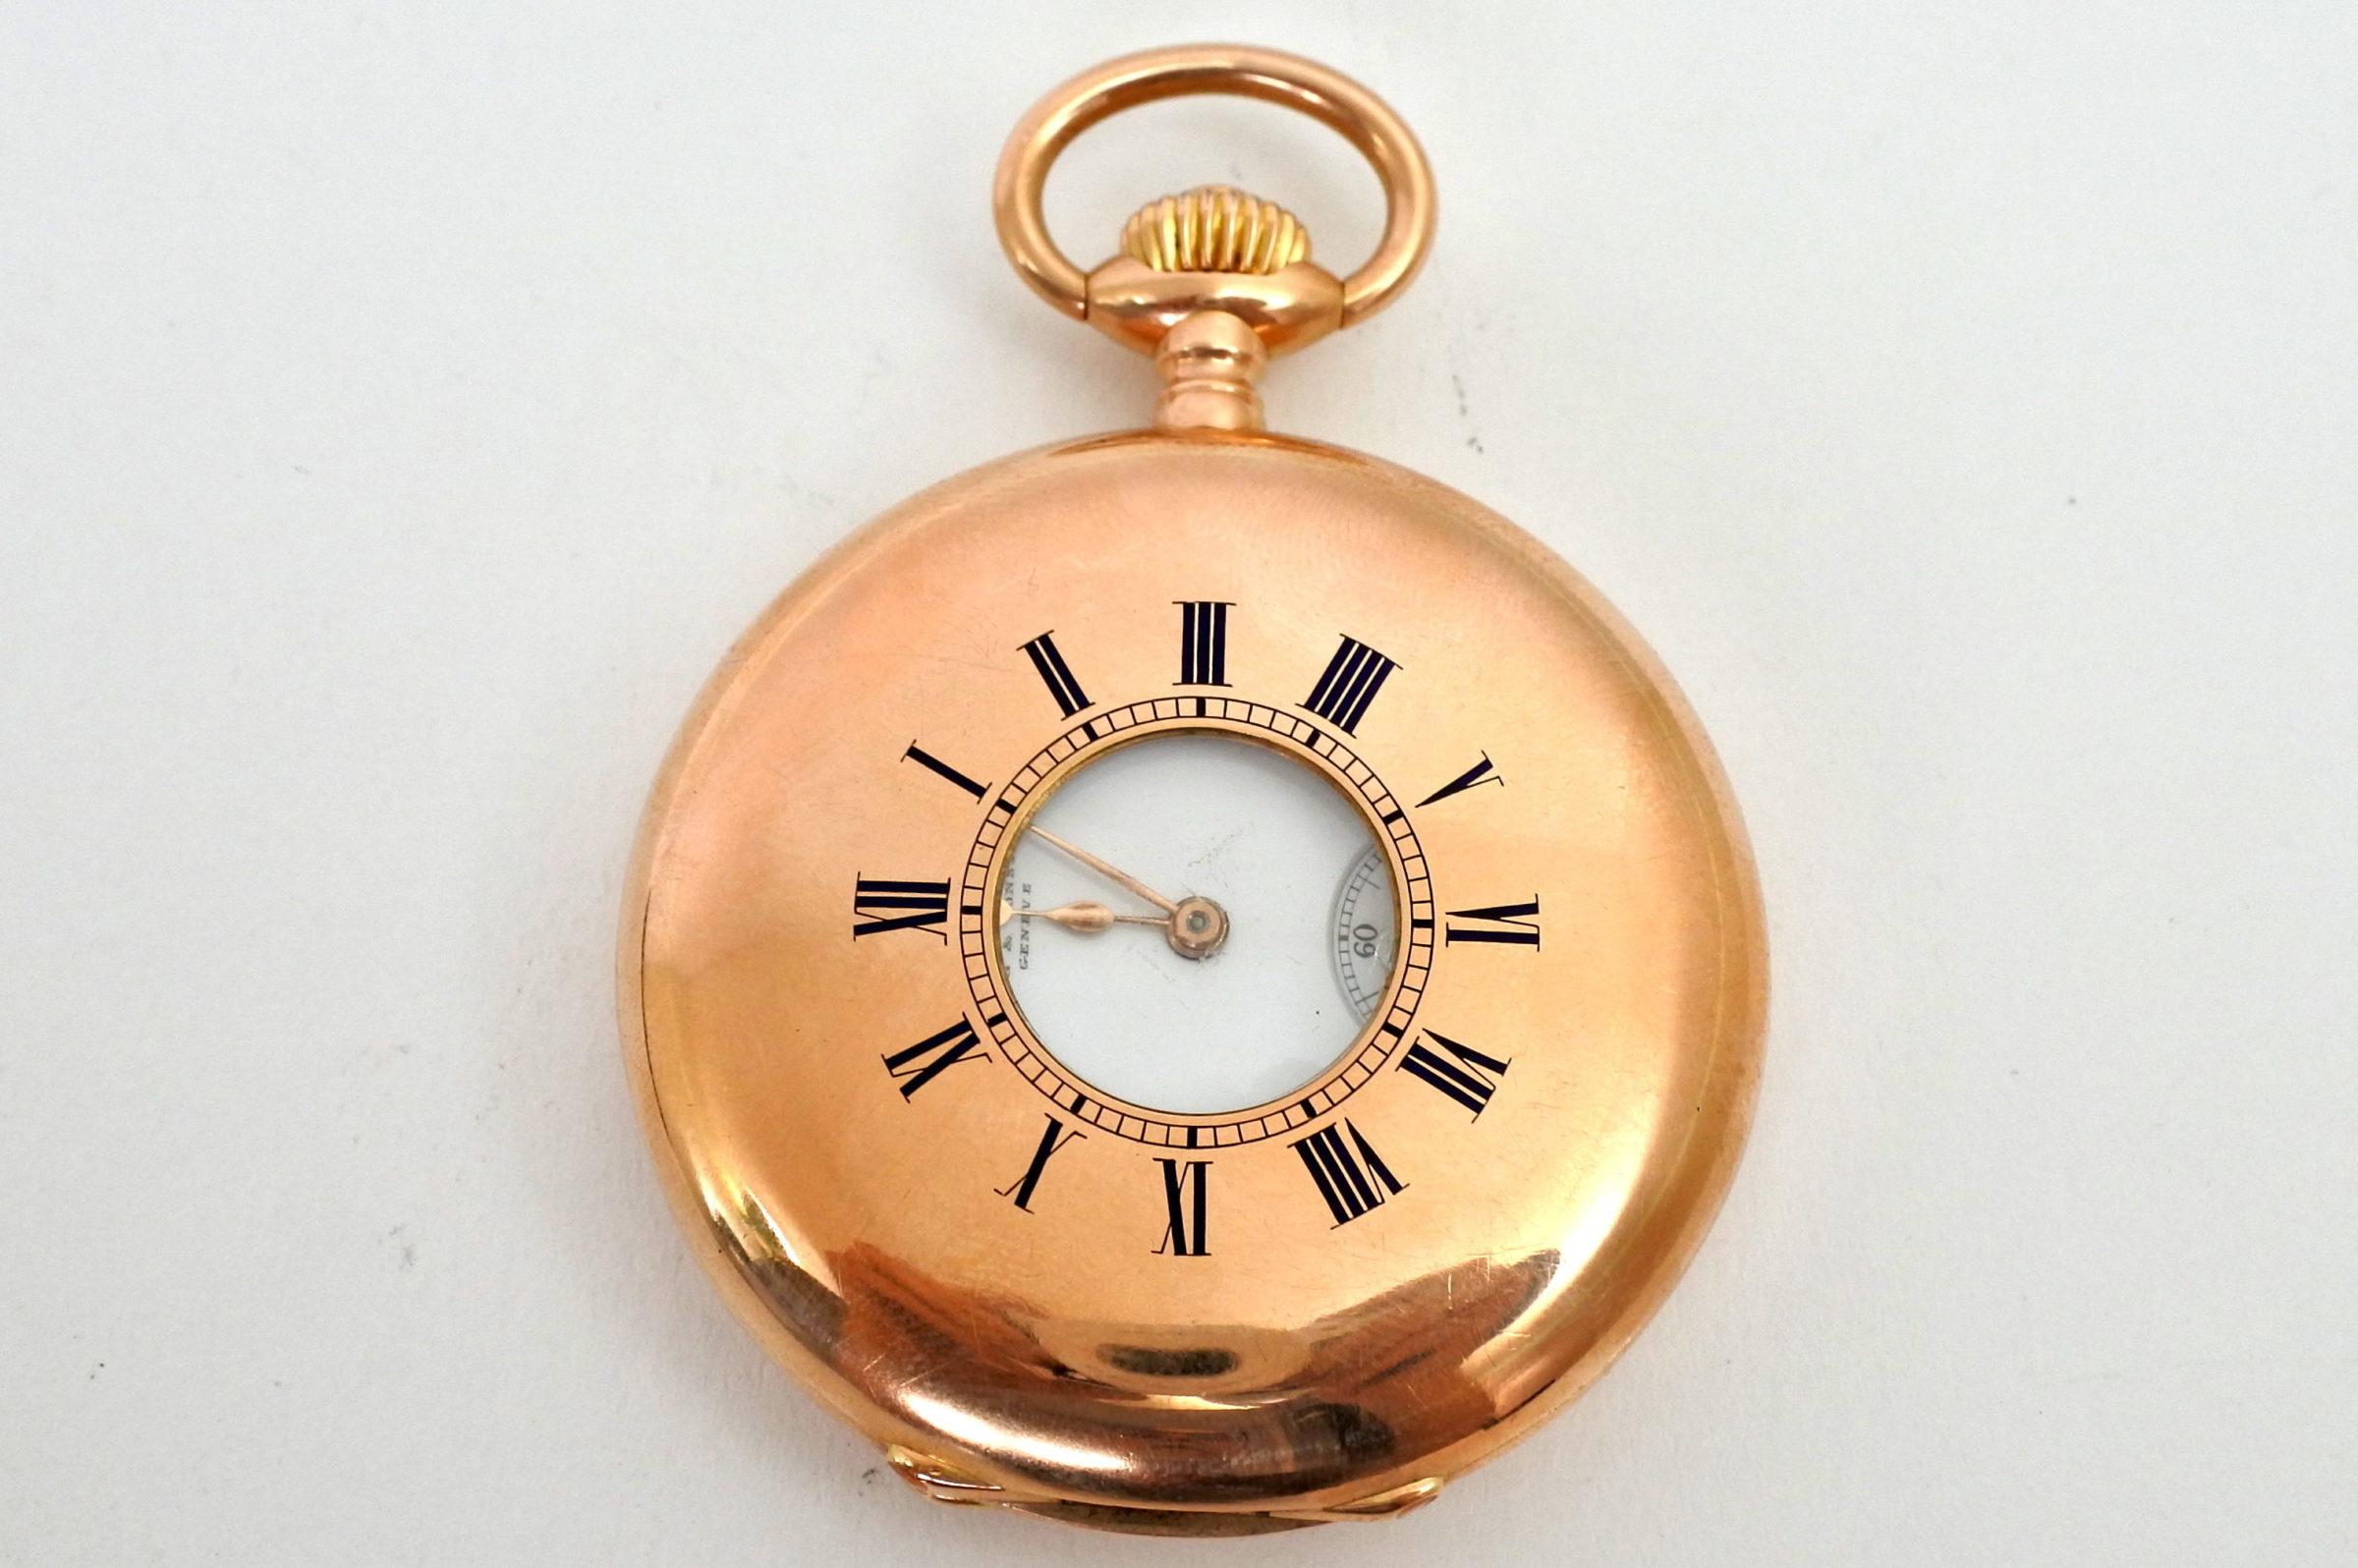 Orologio da tasca occhio di bue in oro - Vacheron & Constantin Genève - 2